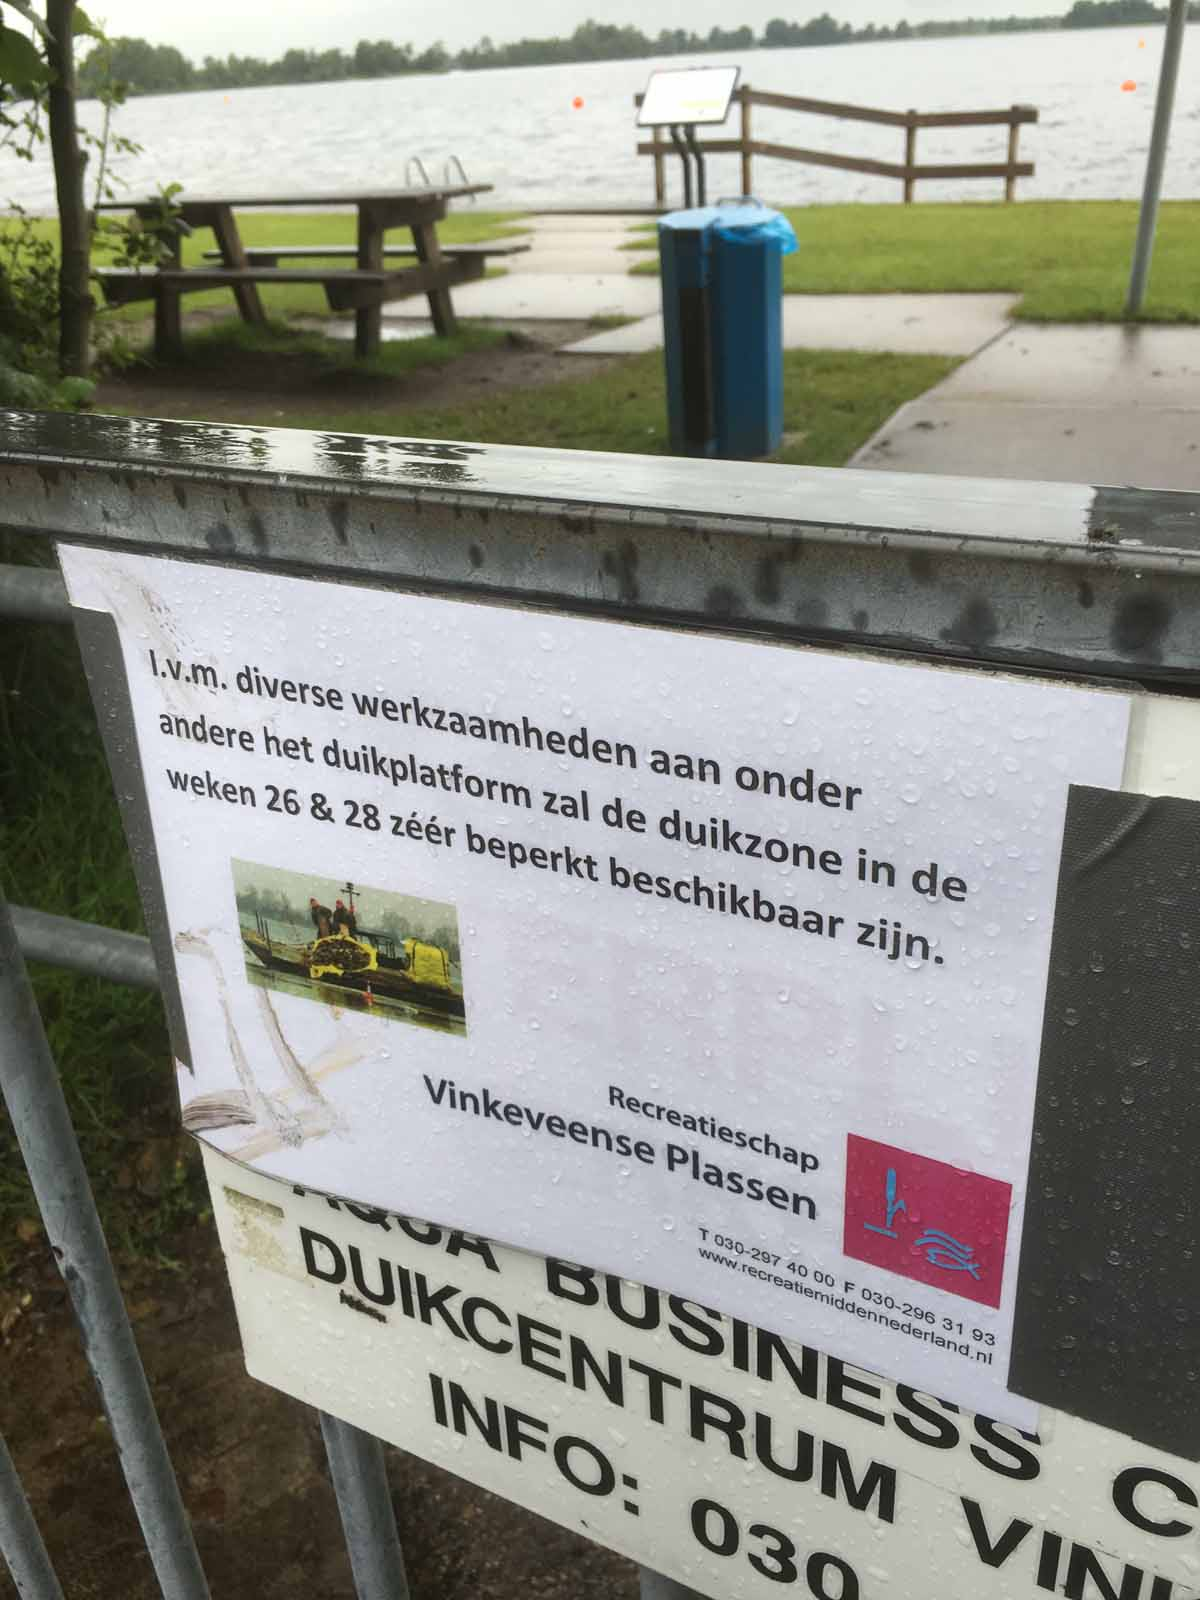 Defensieduikers_Vinkevee_juni 2016_Sander Kool (4)